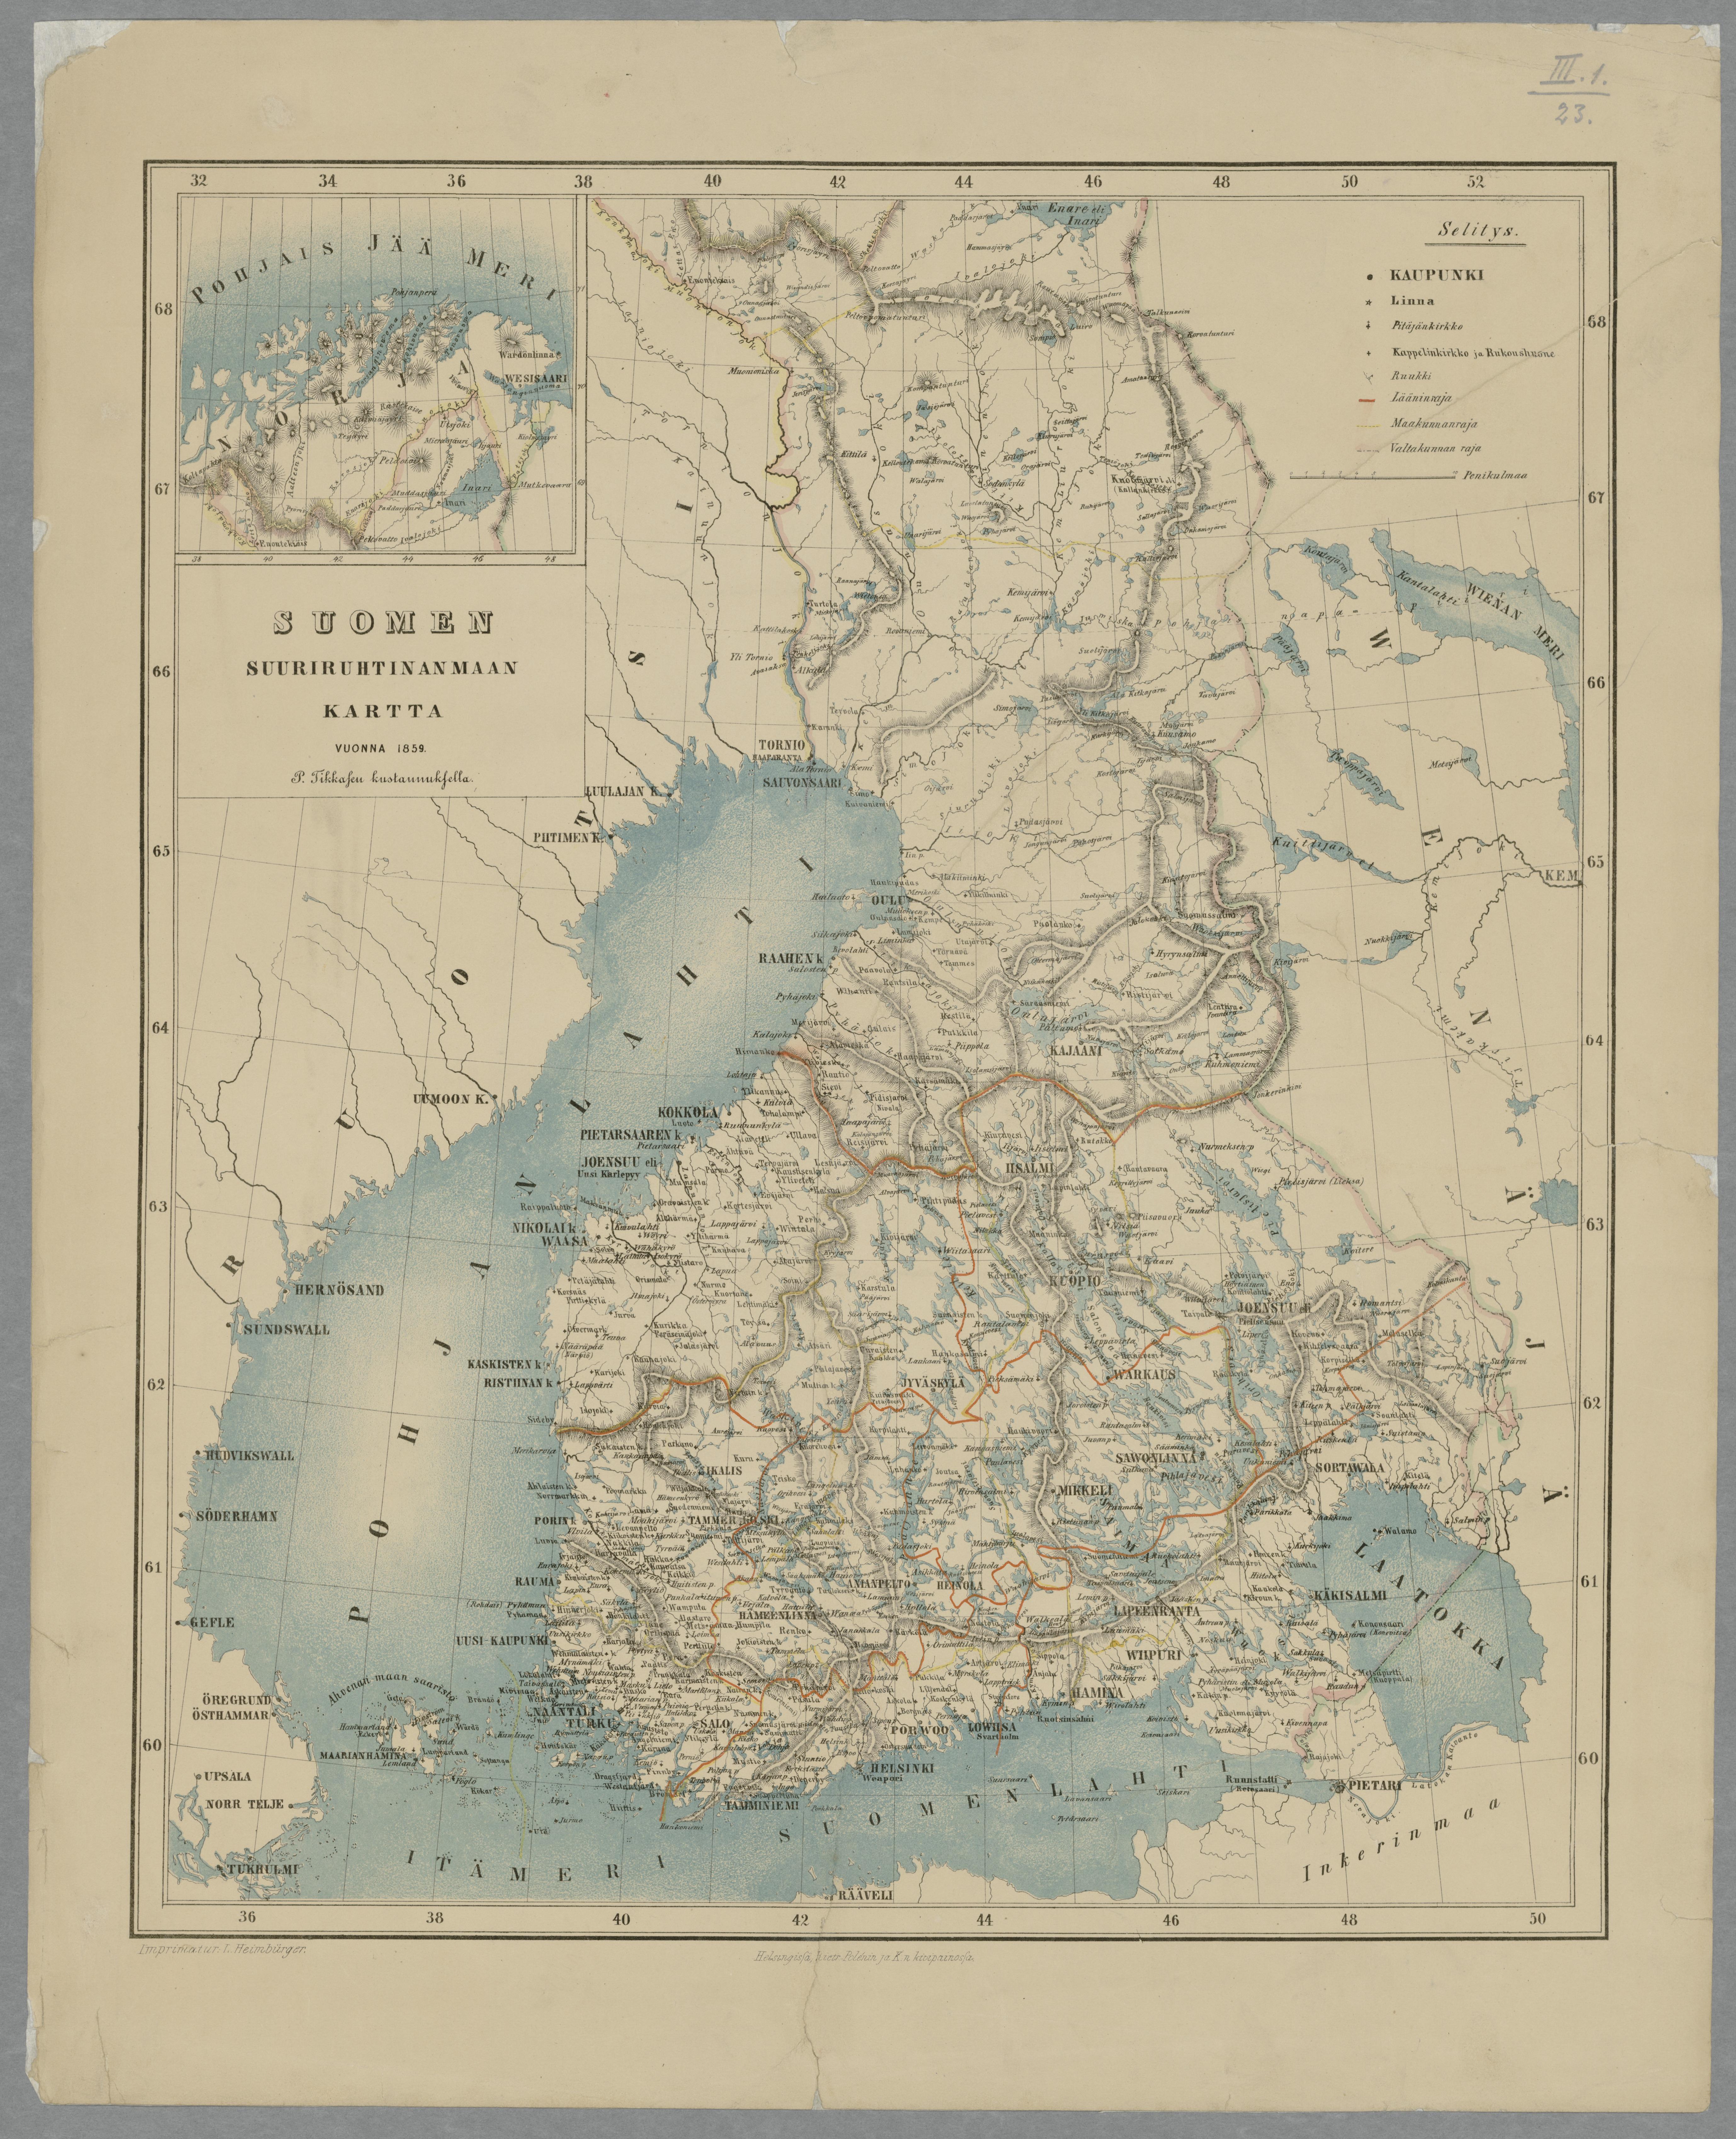 Suomen Suuriruhtinanmaan Kartta Vuonna 1859